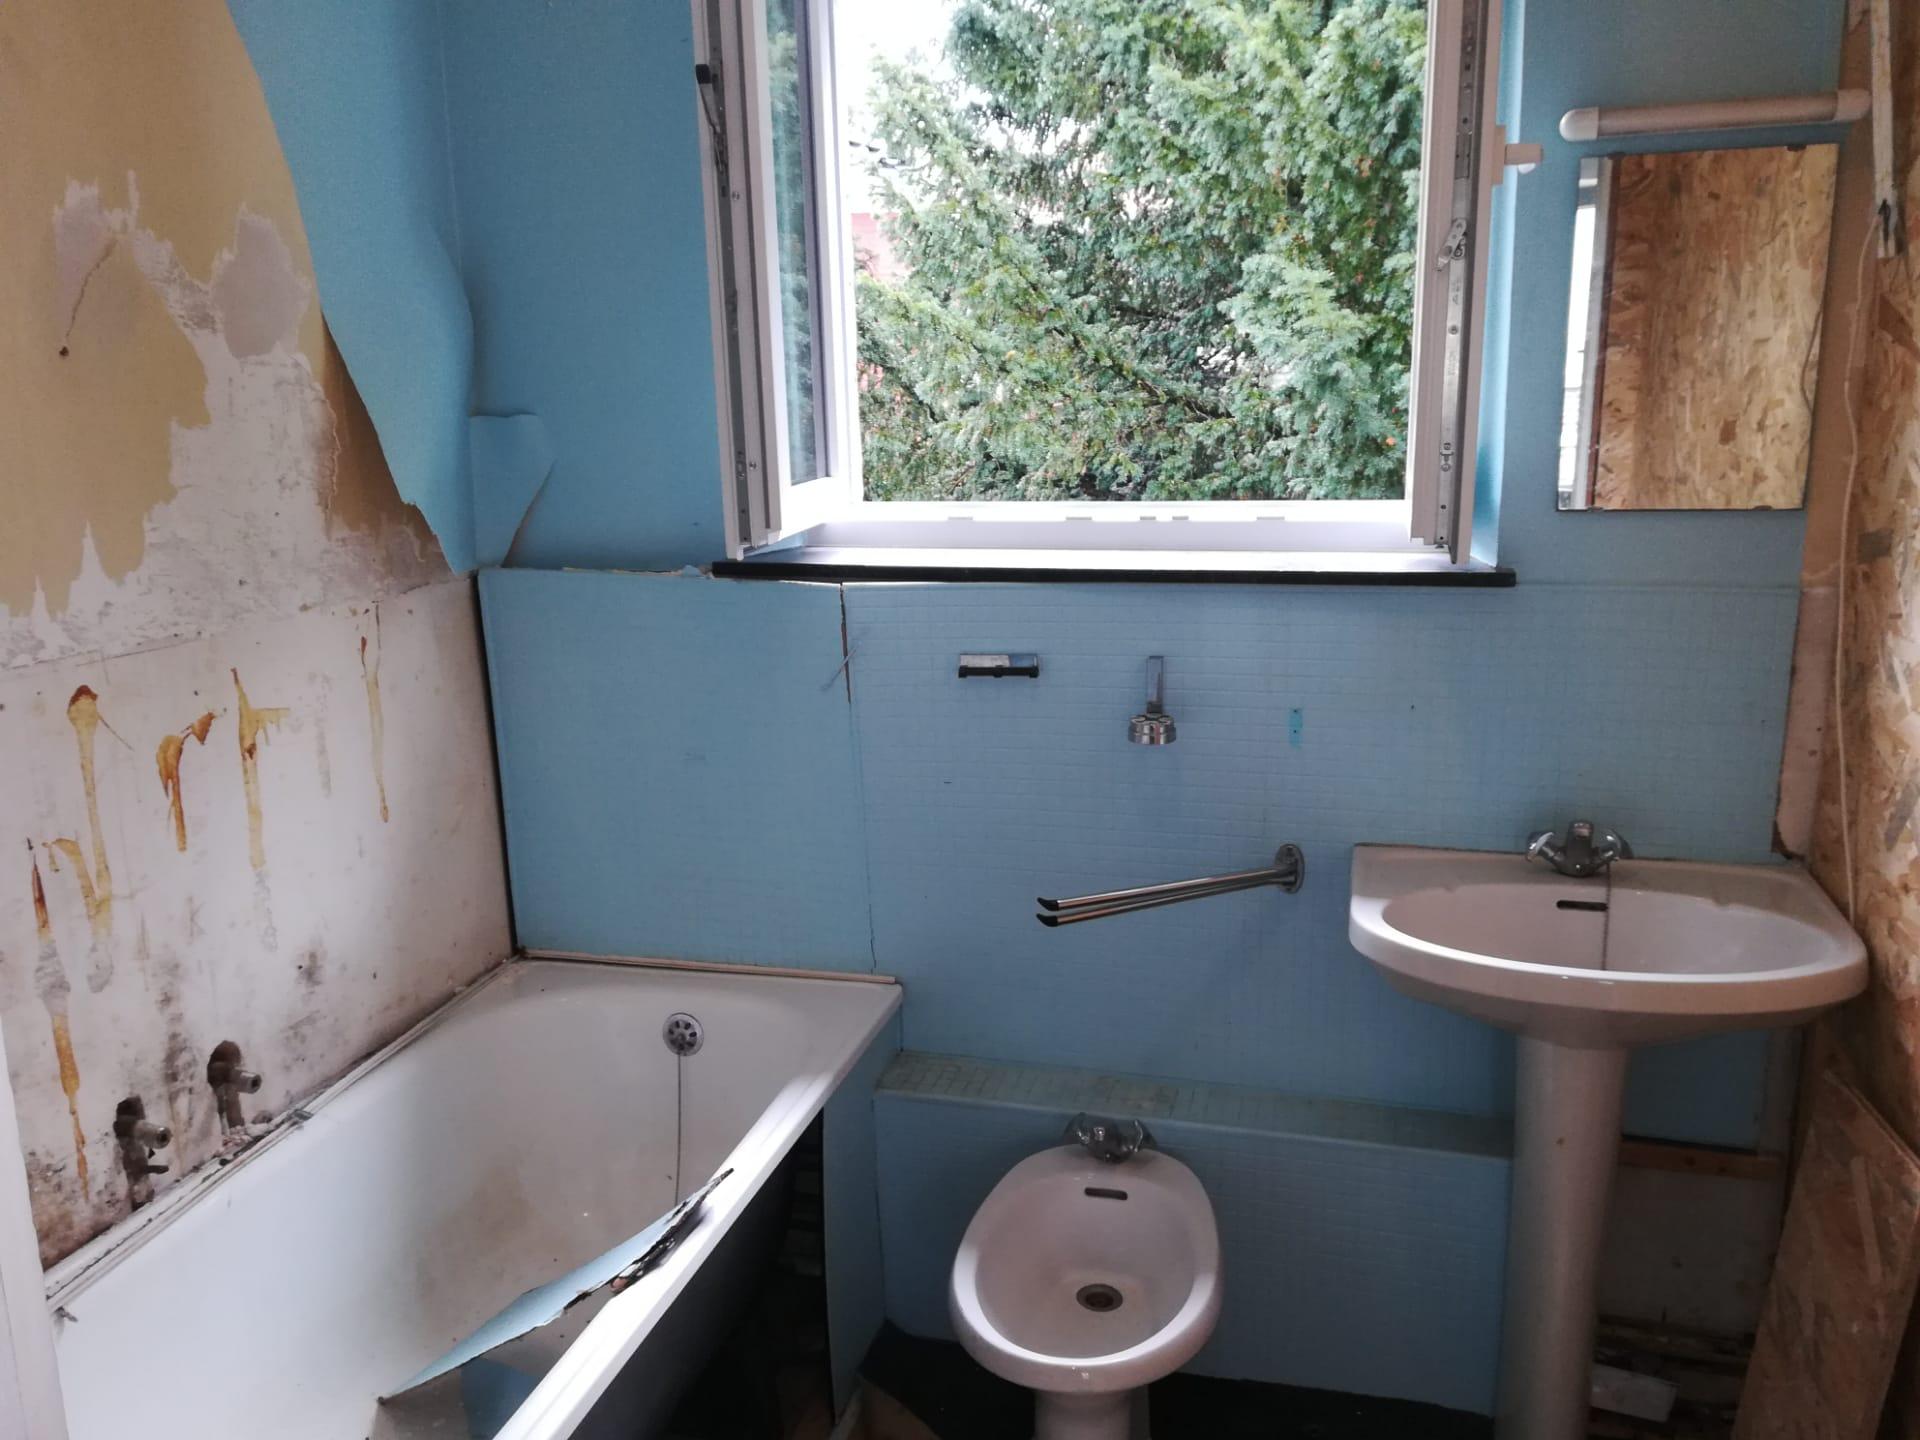 Aménagement complet d'une salle de bain AVANT/APRES